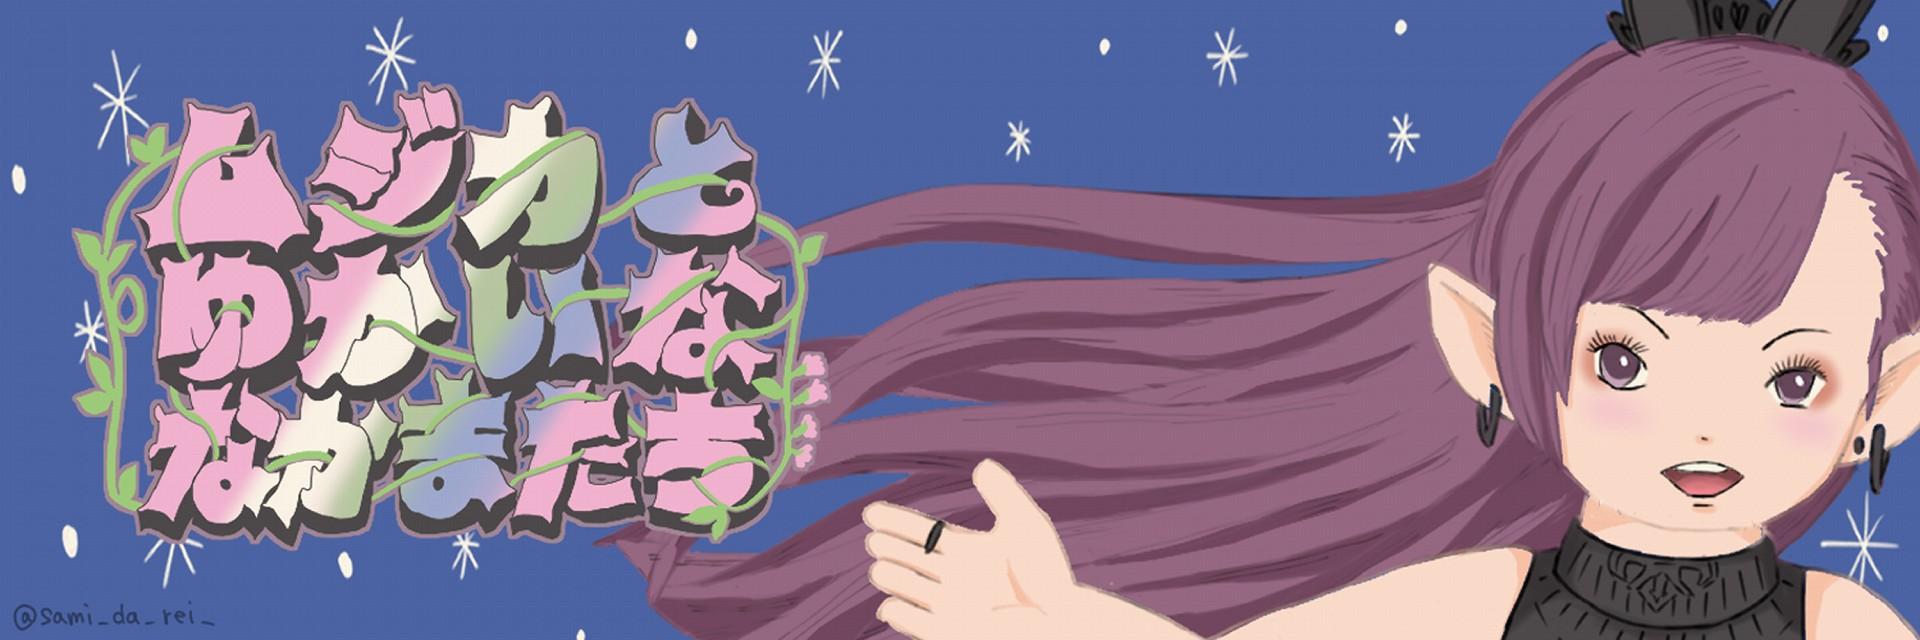 f:id:ryoushitsu-musica:20210427225132j:image